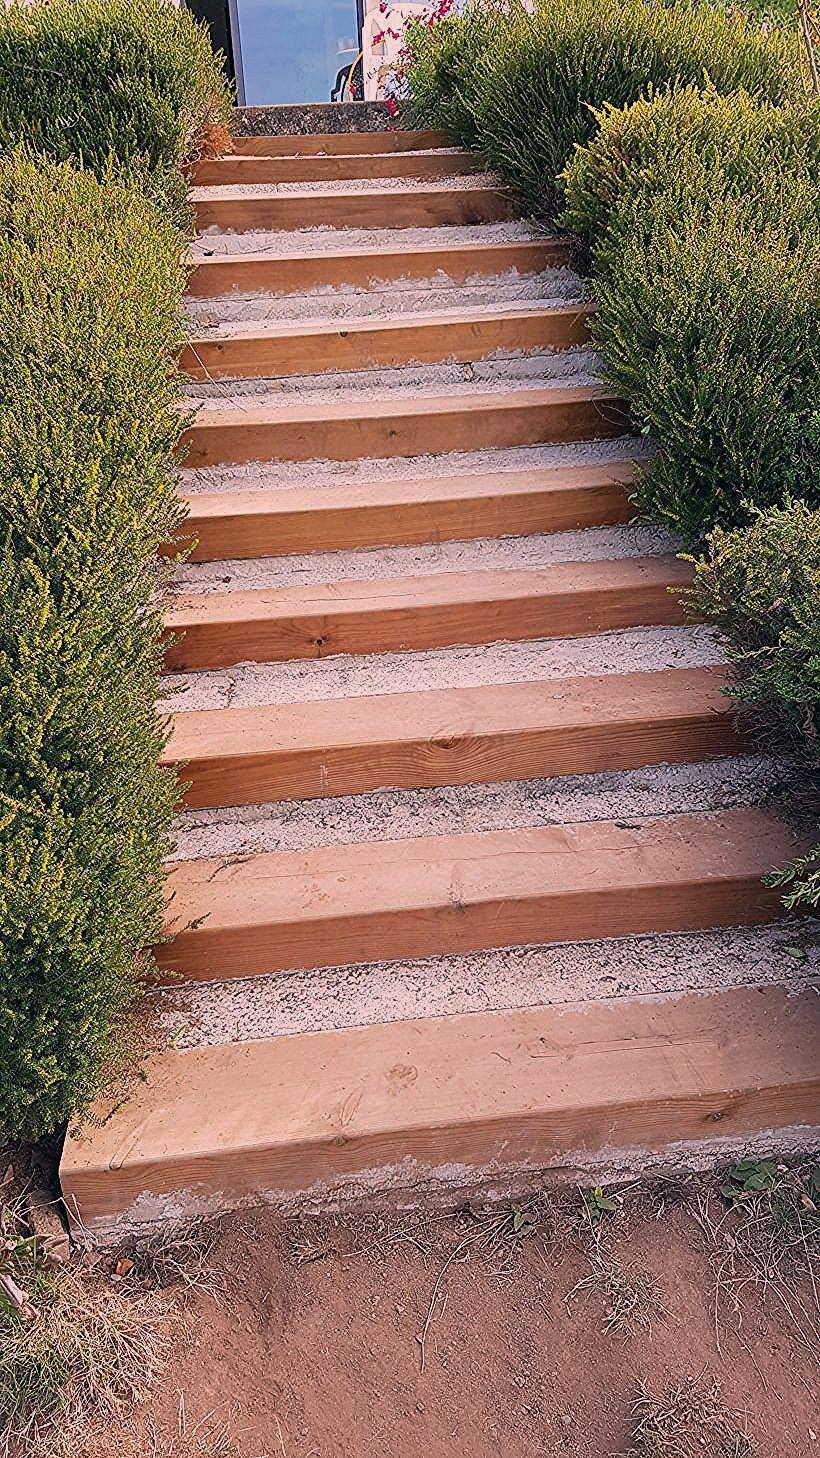 Rénover Un Escalier Extérieur En Traverses De Chemin De Fer ... tout Traverses De Chemin De Fer Pour Jardin